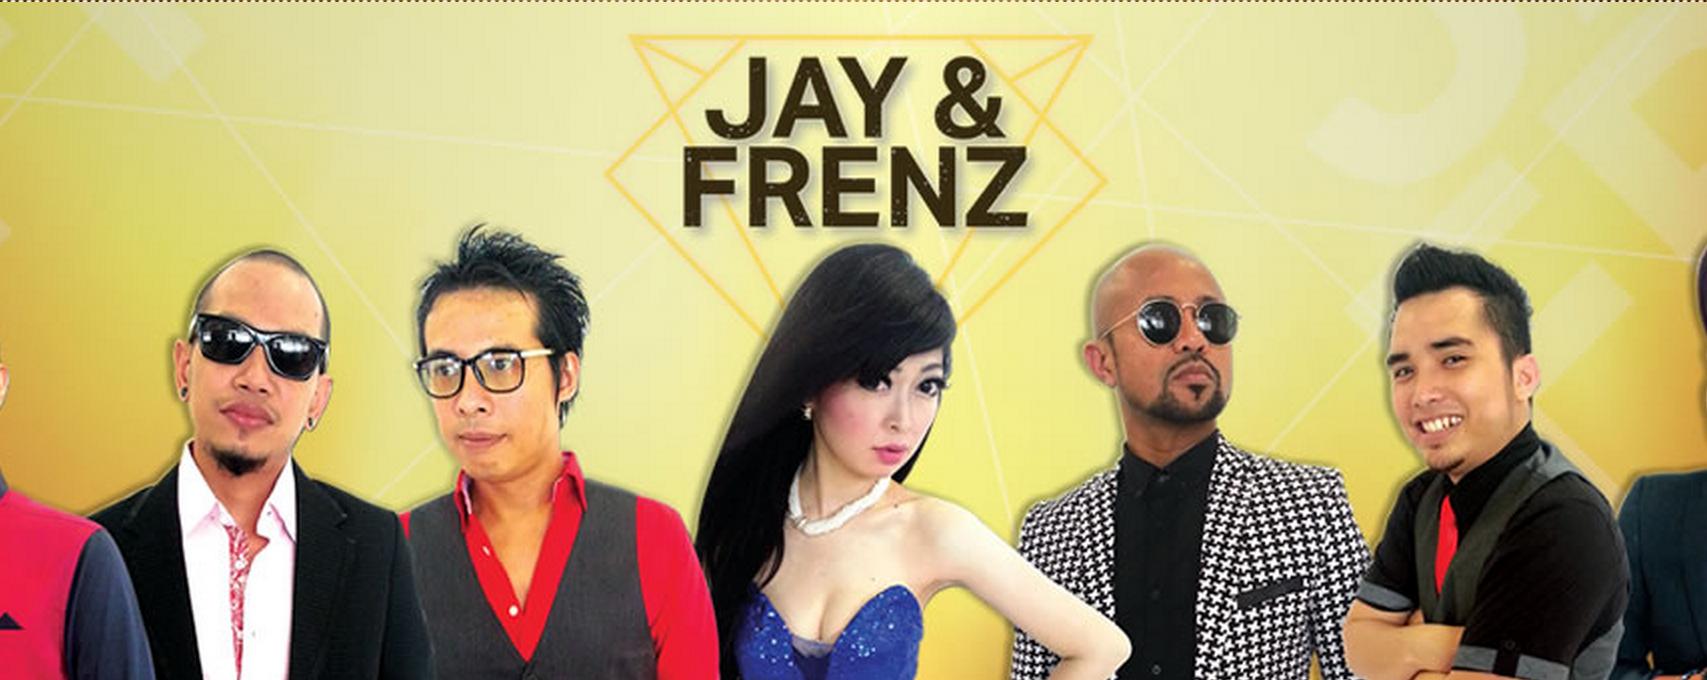 Jay & Frenz